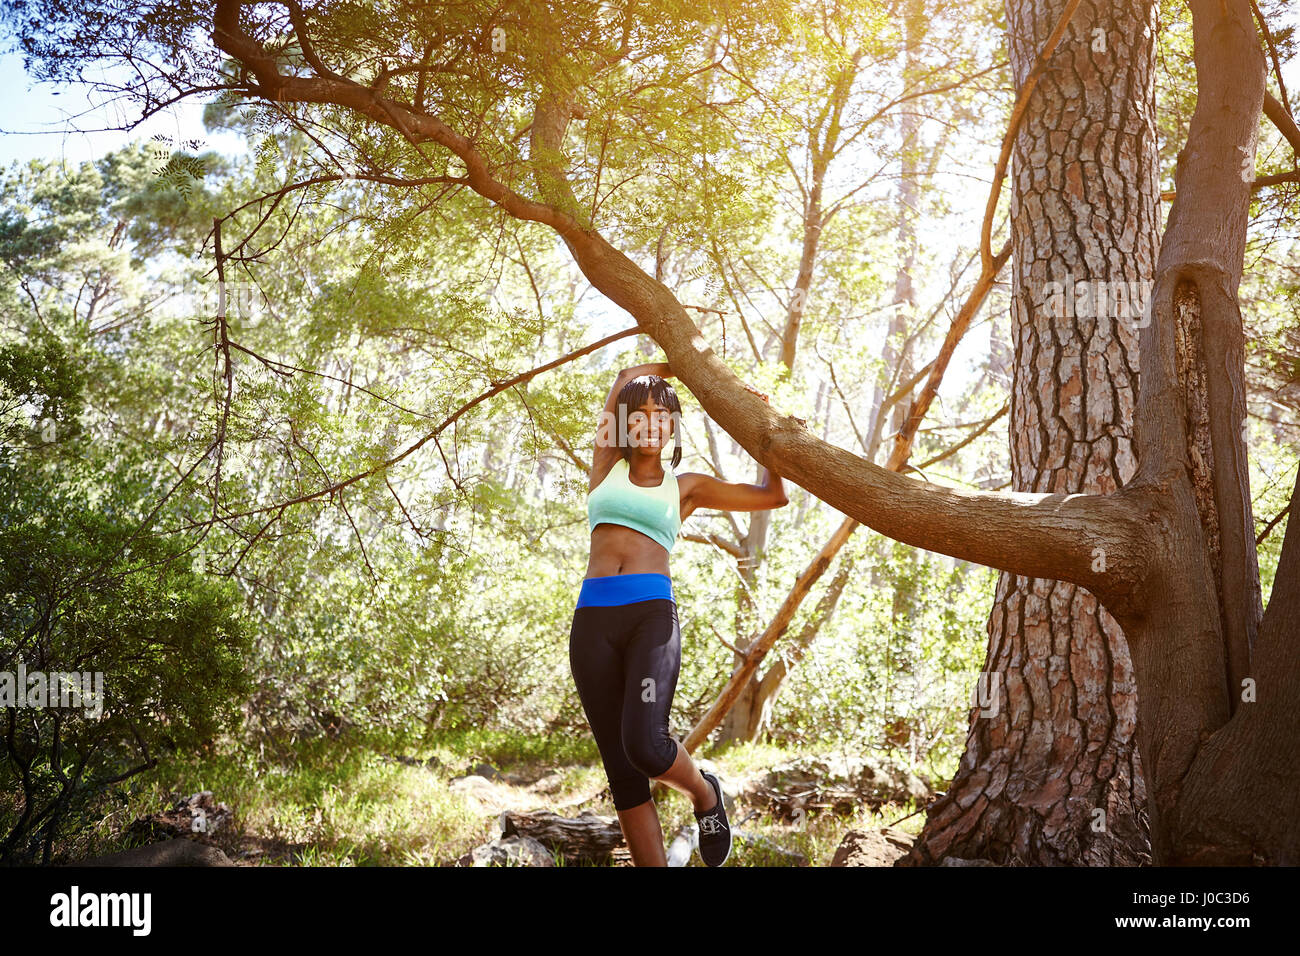 Portrait de jeune femme portant des vêtements de sport, en milieu rural Photo Stock